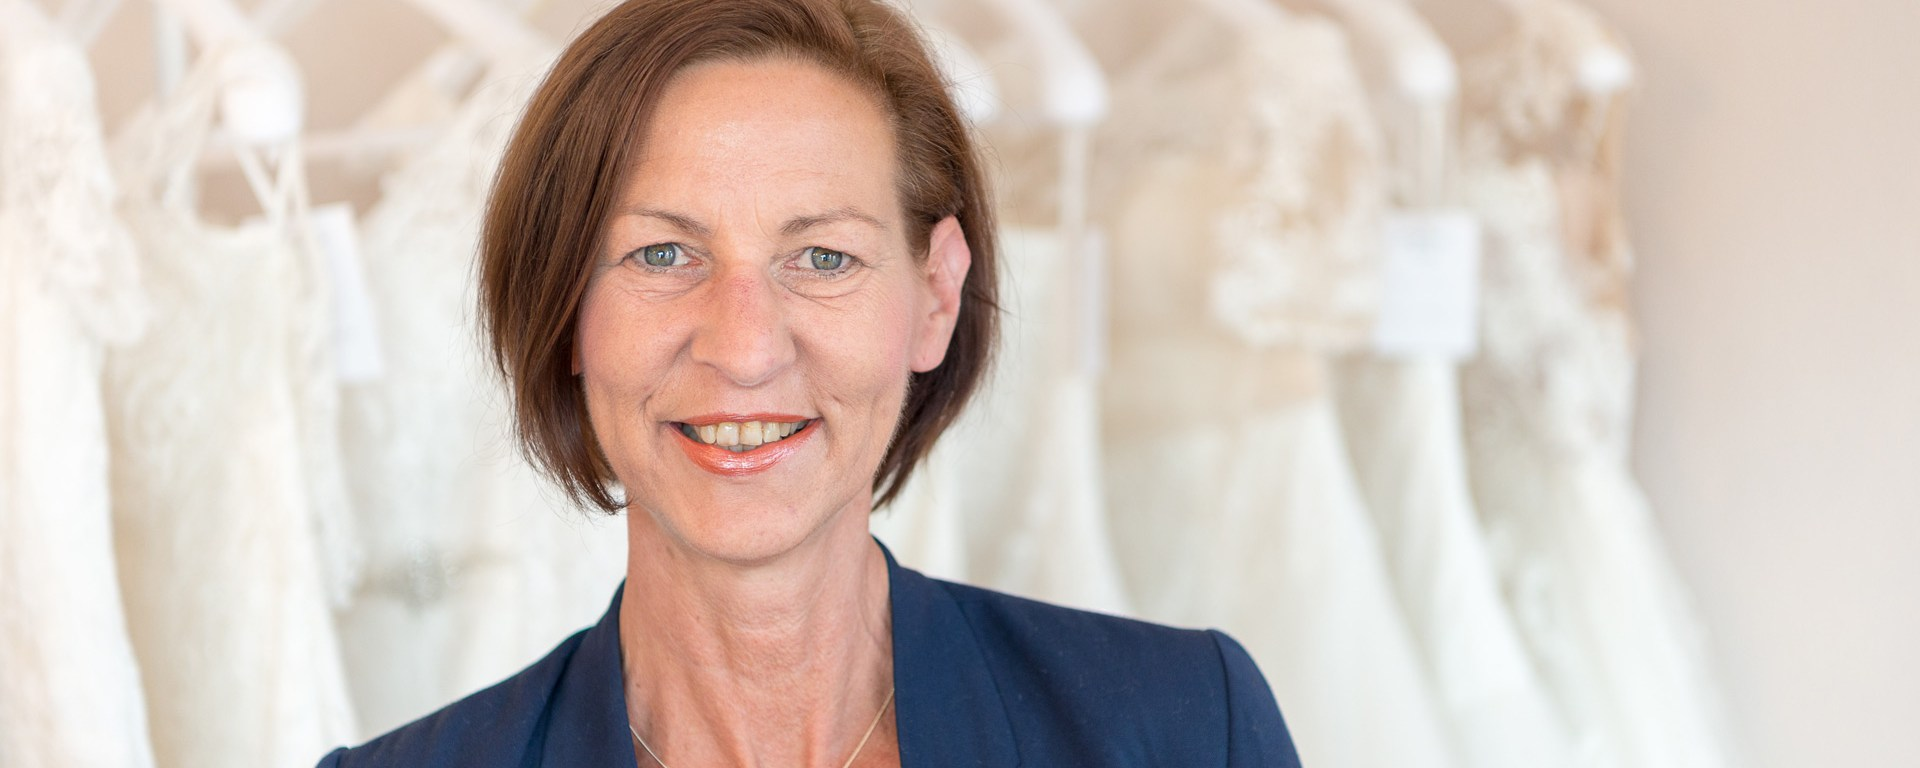 Martina Jordan vom Brautmodengeschäft Hochzeitsblume.